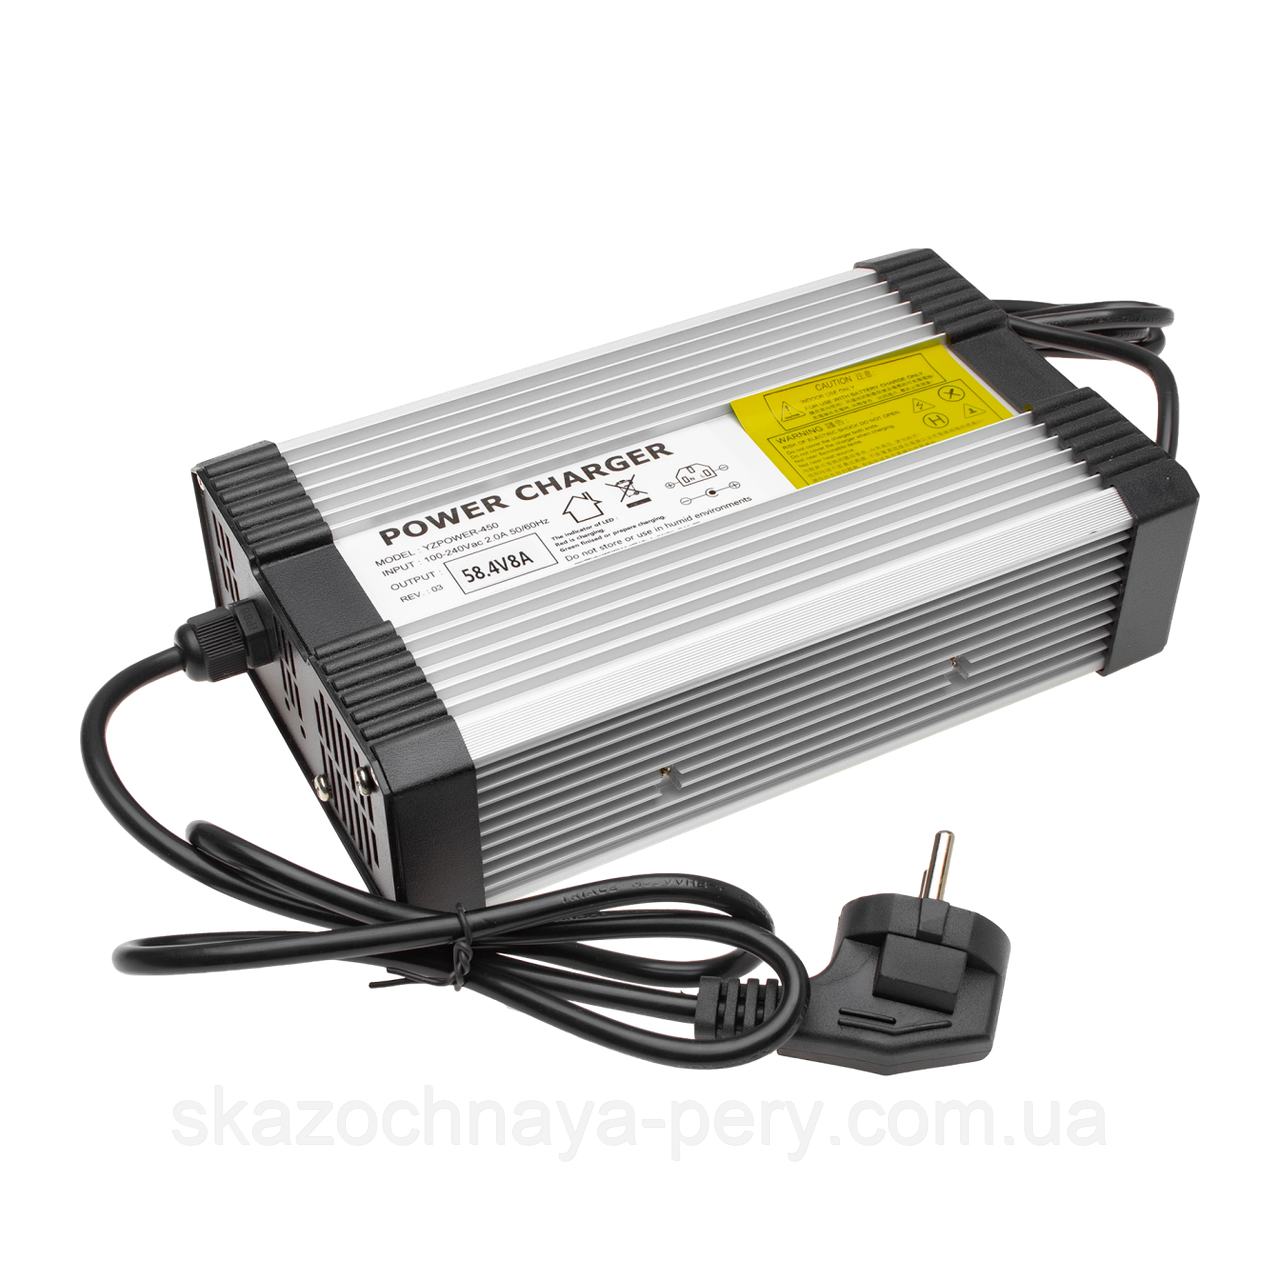 Зарядний пристрій для акумулятора LiFePO4 48V (58.4 V)-8A-384W